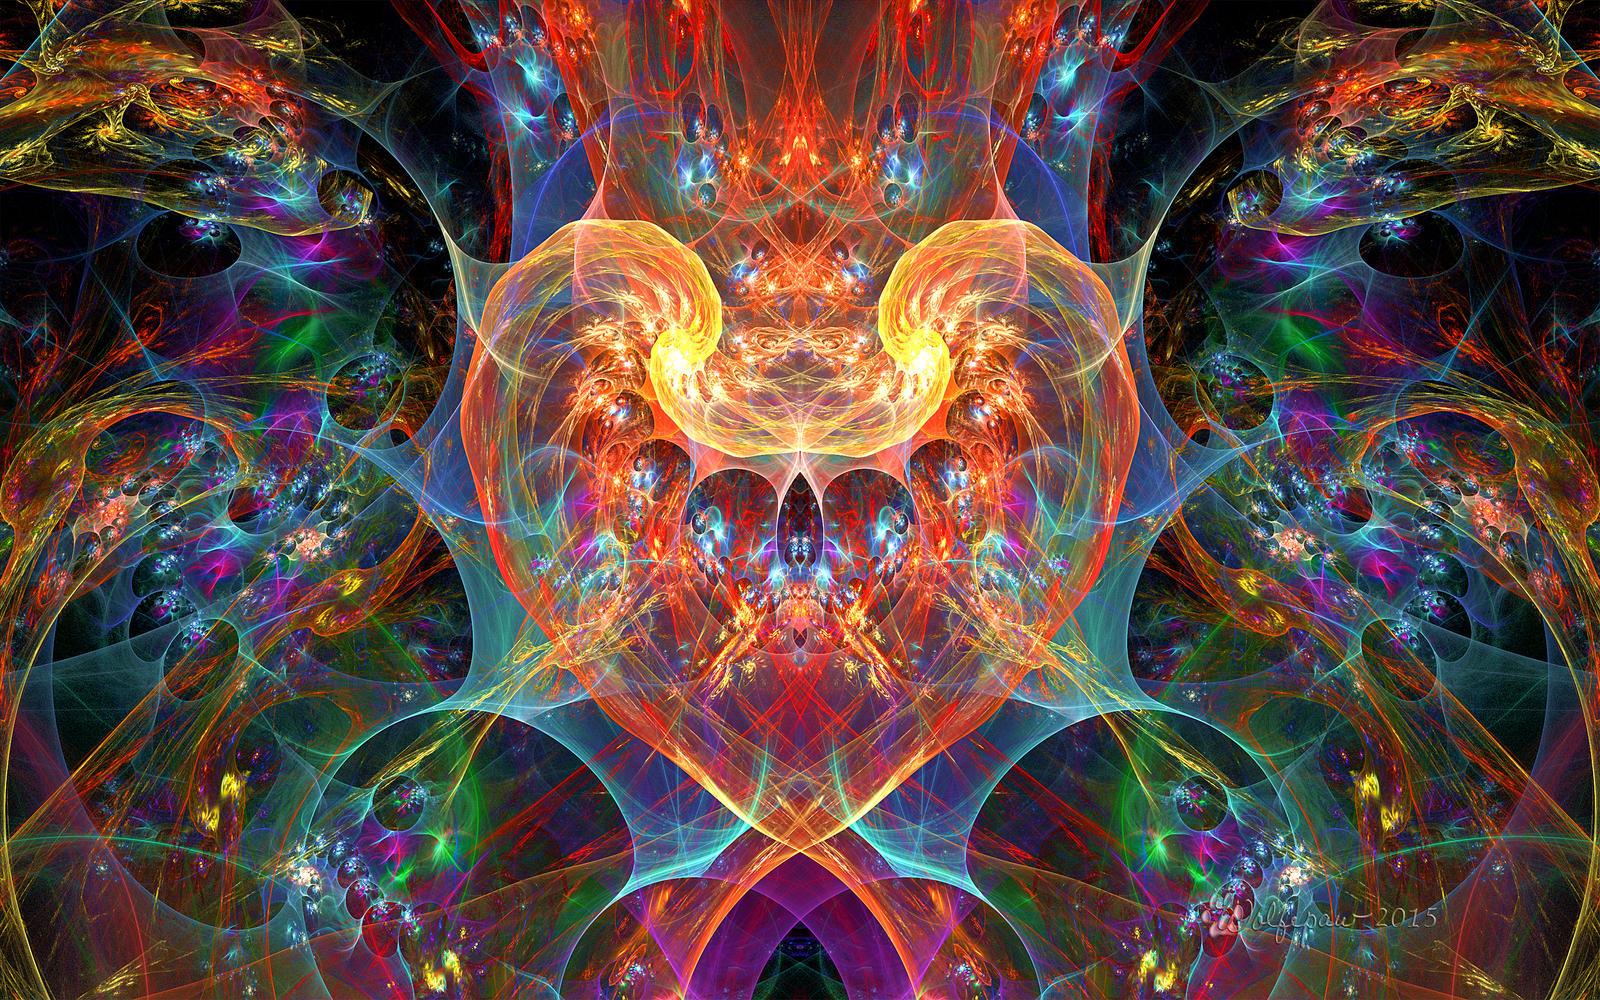 An Energetic Heart by wolfepaw on DeviantArt